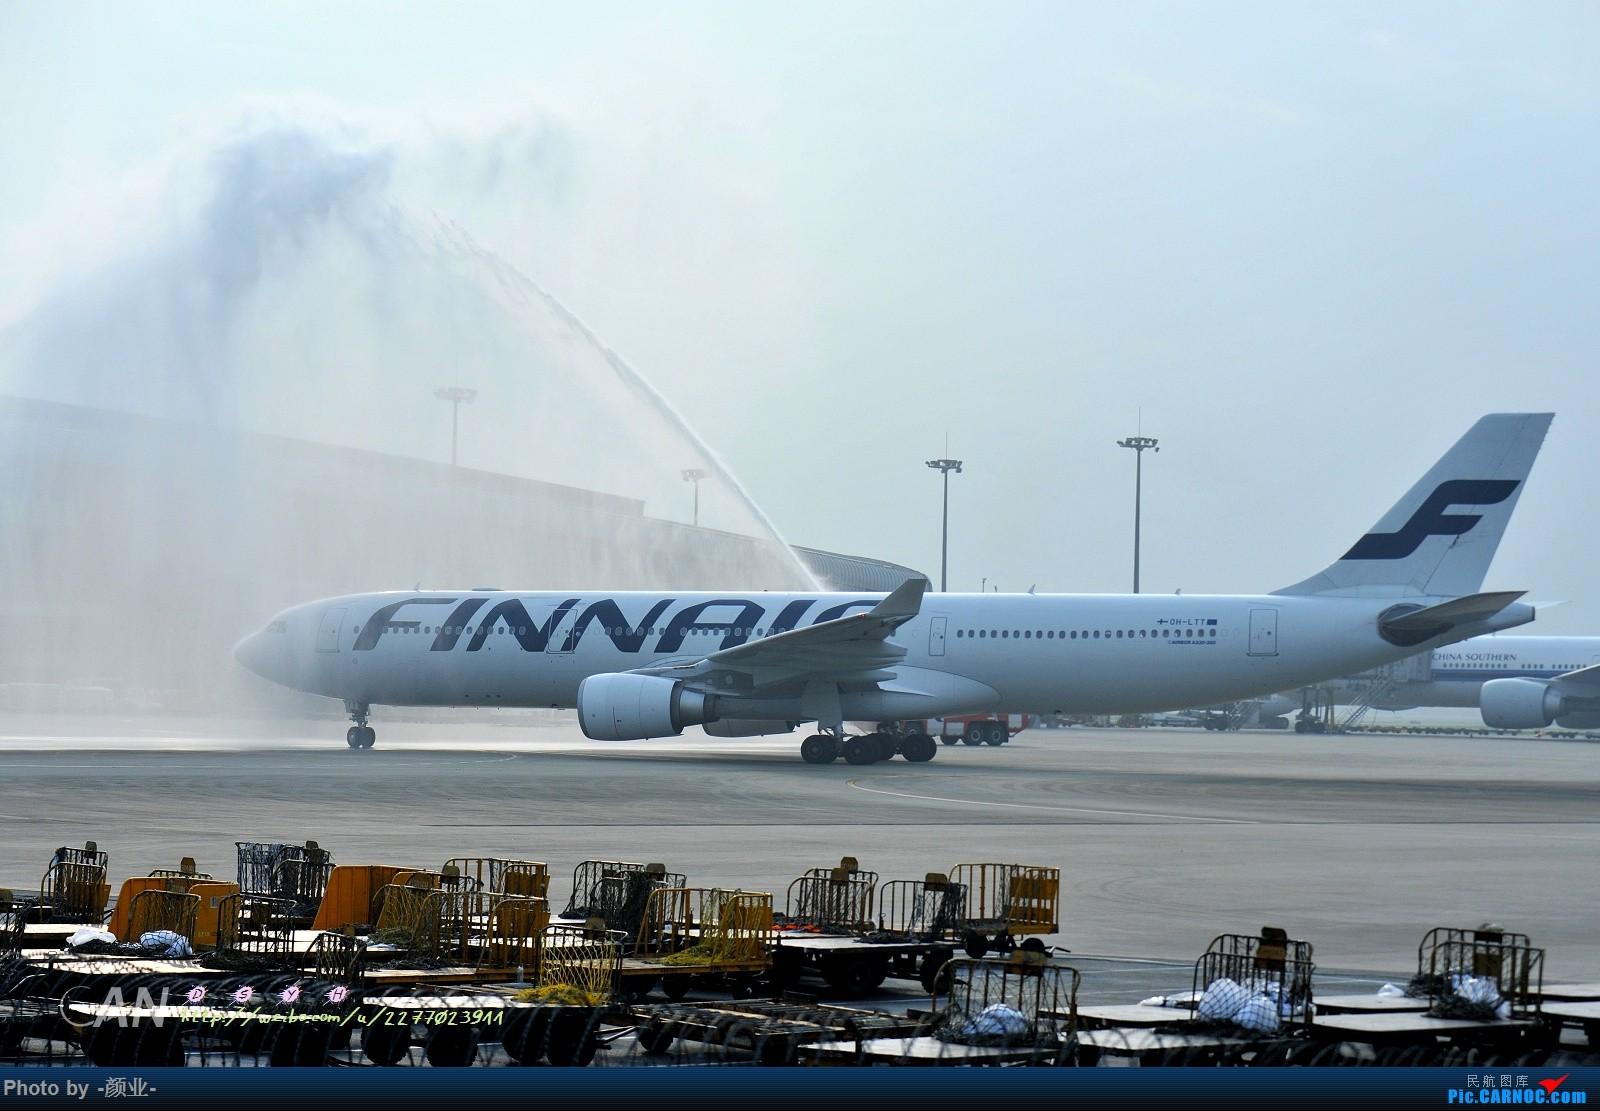 Re:[原创]2011-2016我的打灰机心情[广州] AIRBUS A330-300 OH-LTT 中国广州白云国际机场